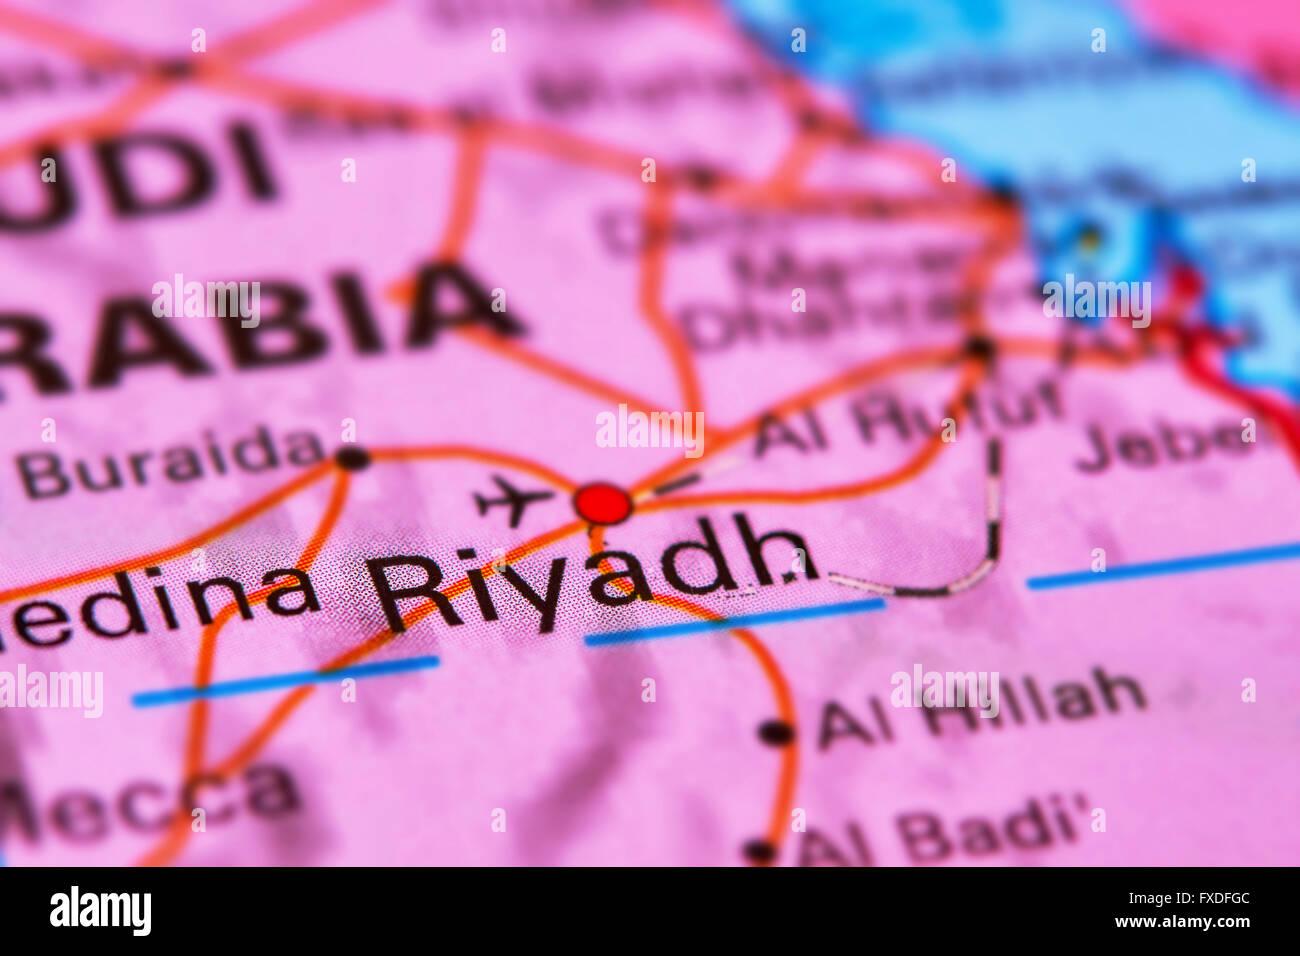 Riyadh, Città Capitale dell'Arabia Saudita in Medio Oriente sulla mappa del mondo Immagini Stock